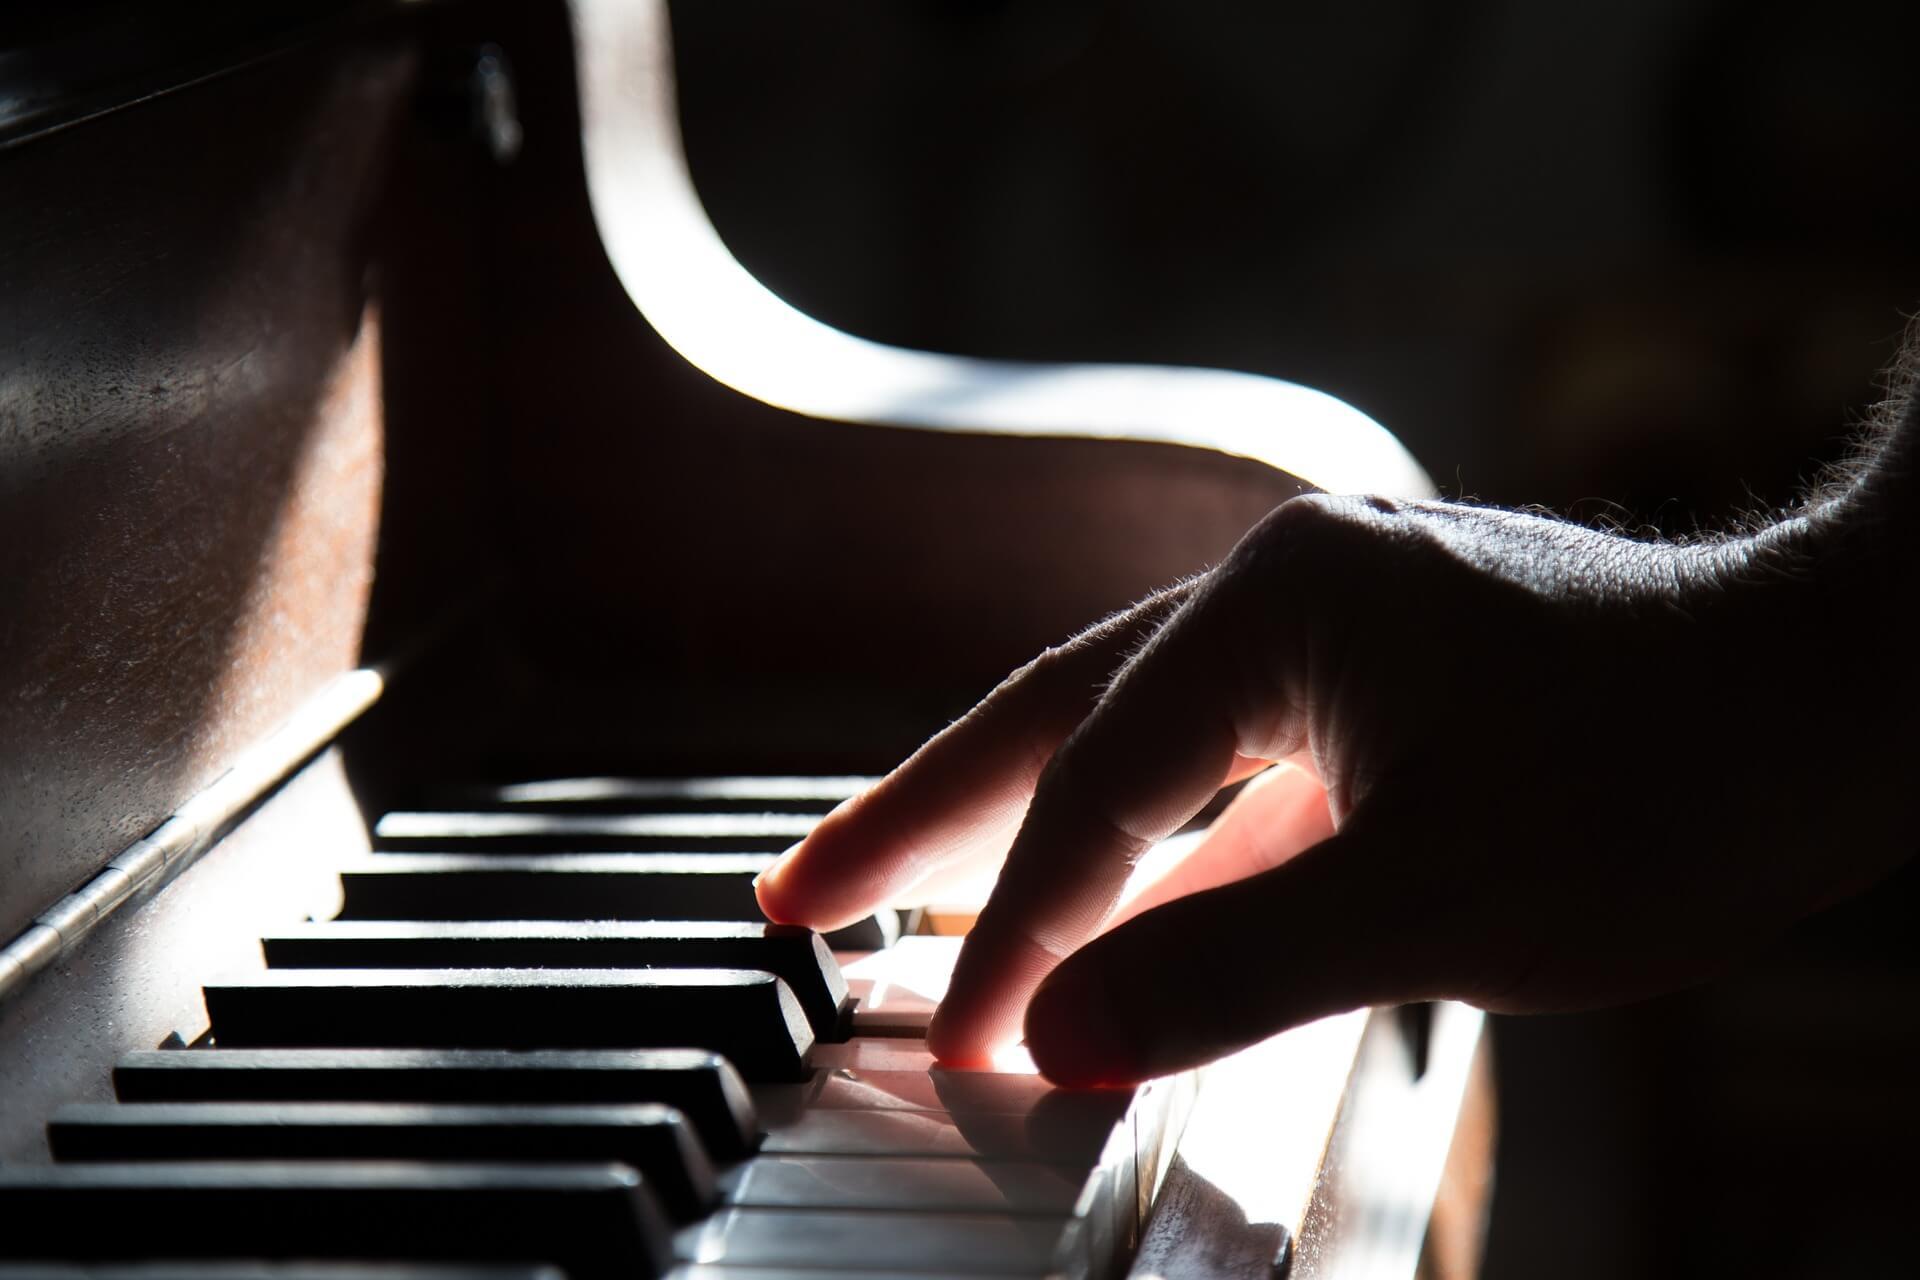 Klavierspielende Hand im Gegenlicht